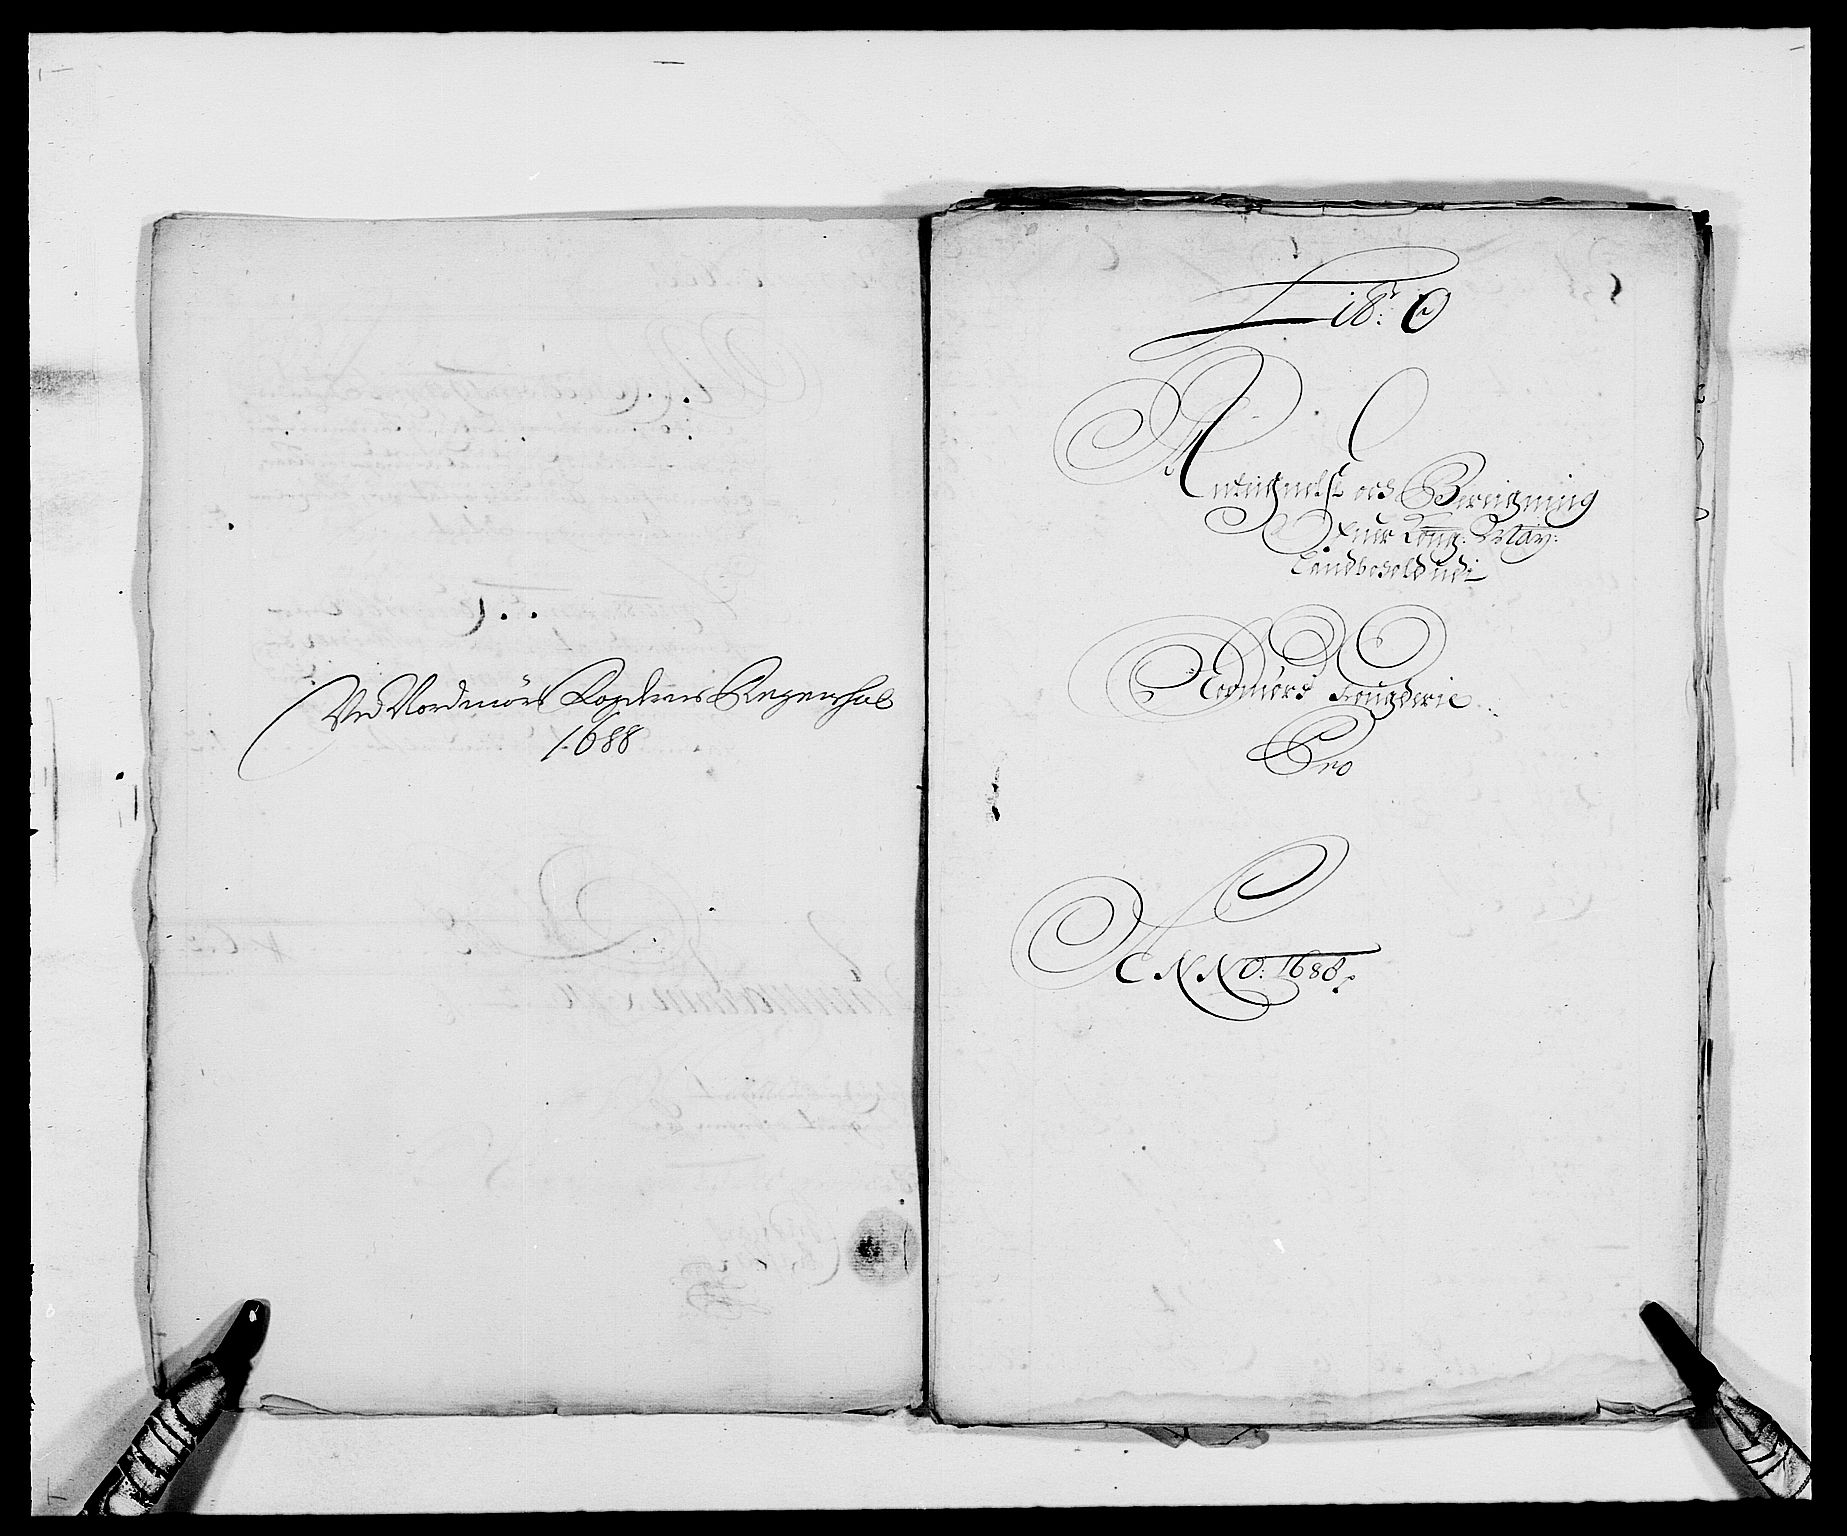 RA, Rentekammeret inntil 1814, Reviderte regnskaper, Fogderegnskap, R56/L3733: Fogderegnskap Nordmøre, 1687-1689, s. 315